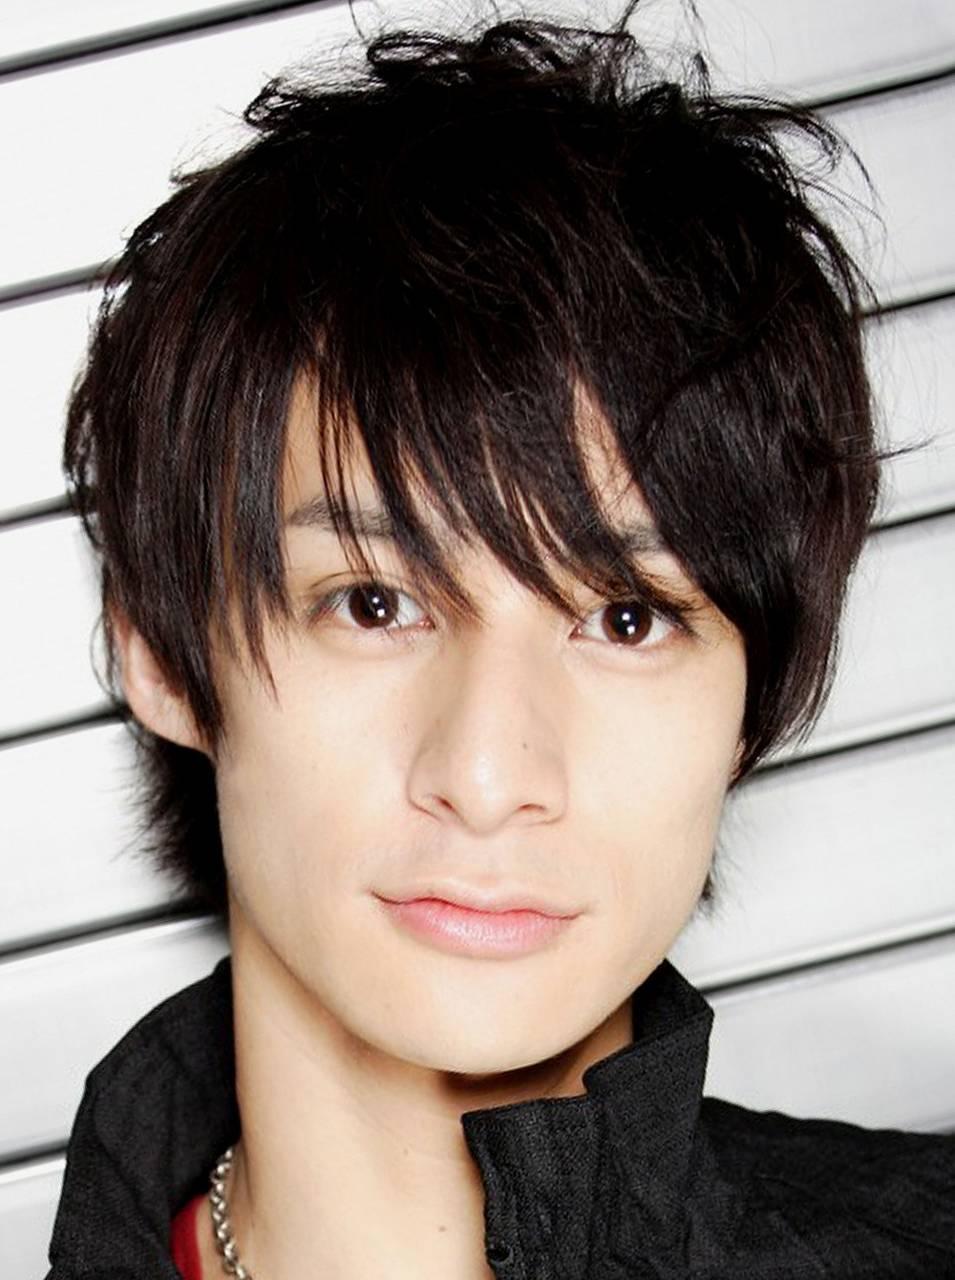 高崎翔太、橋本祥平の出演決定!映画『恋するアンチヒーロー』2人からのコメントも